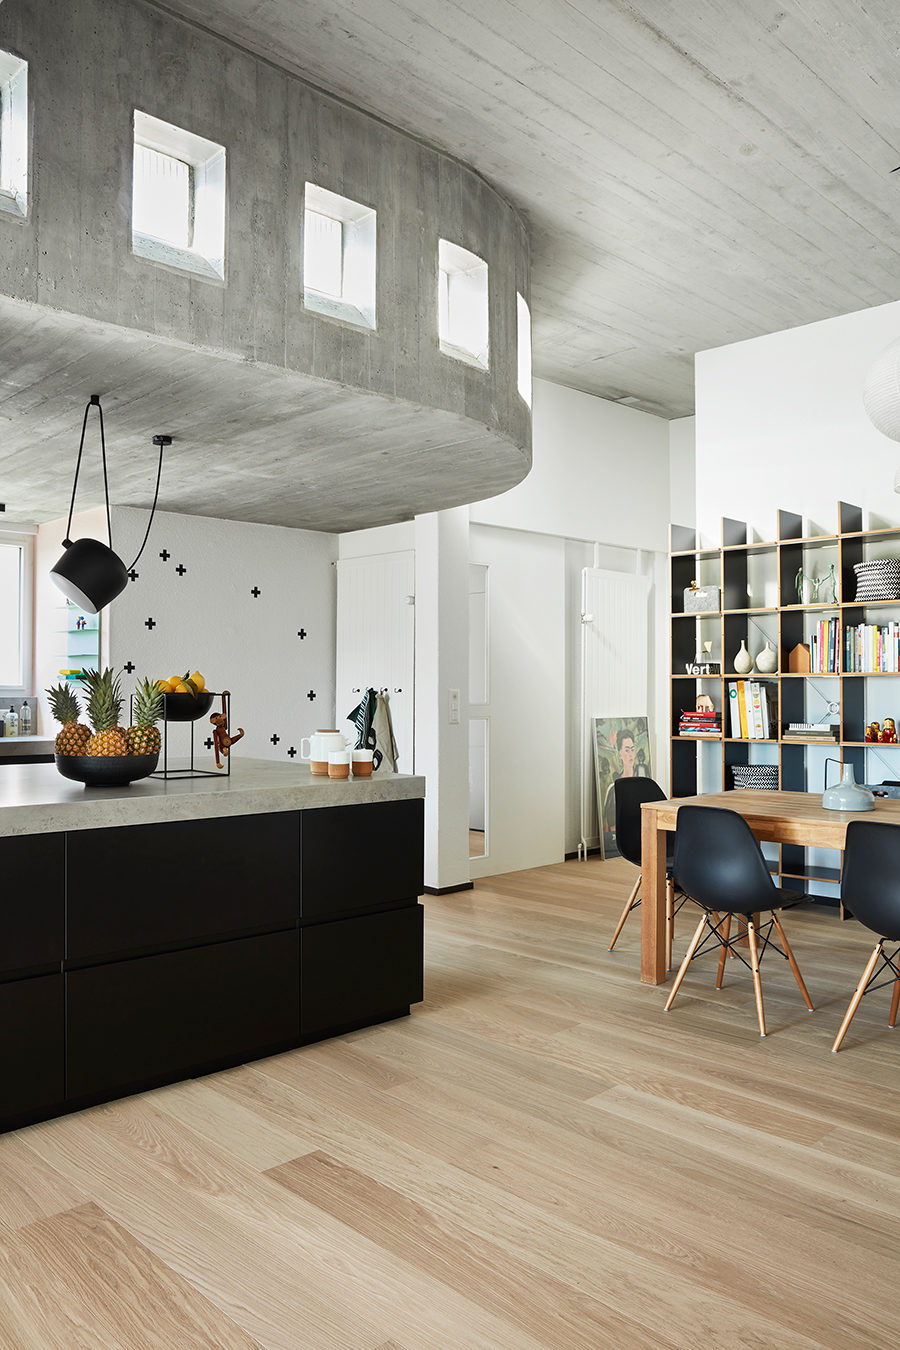 Bauwerk, kitchen